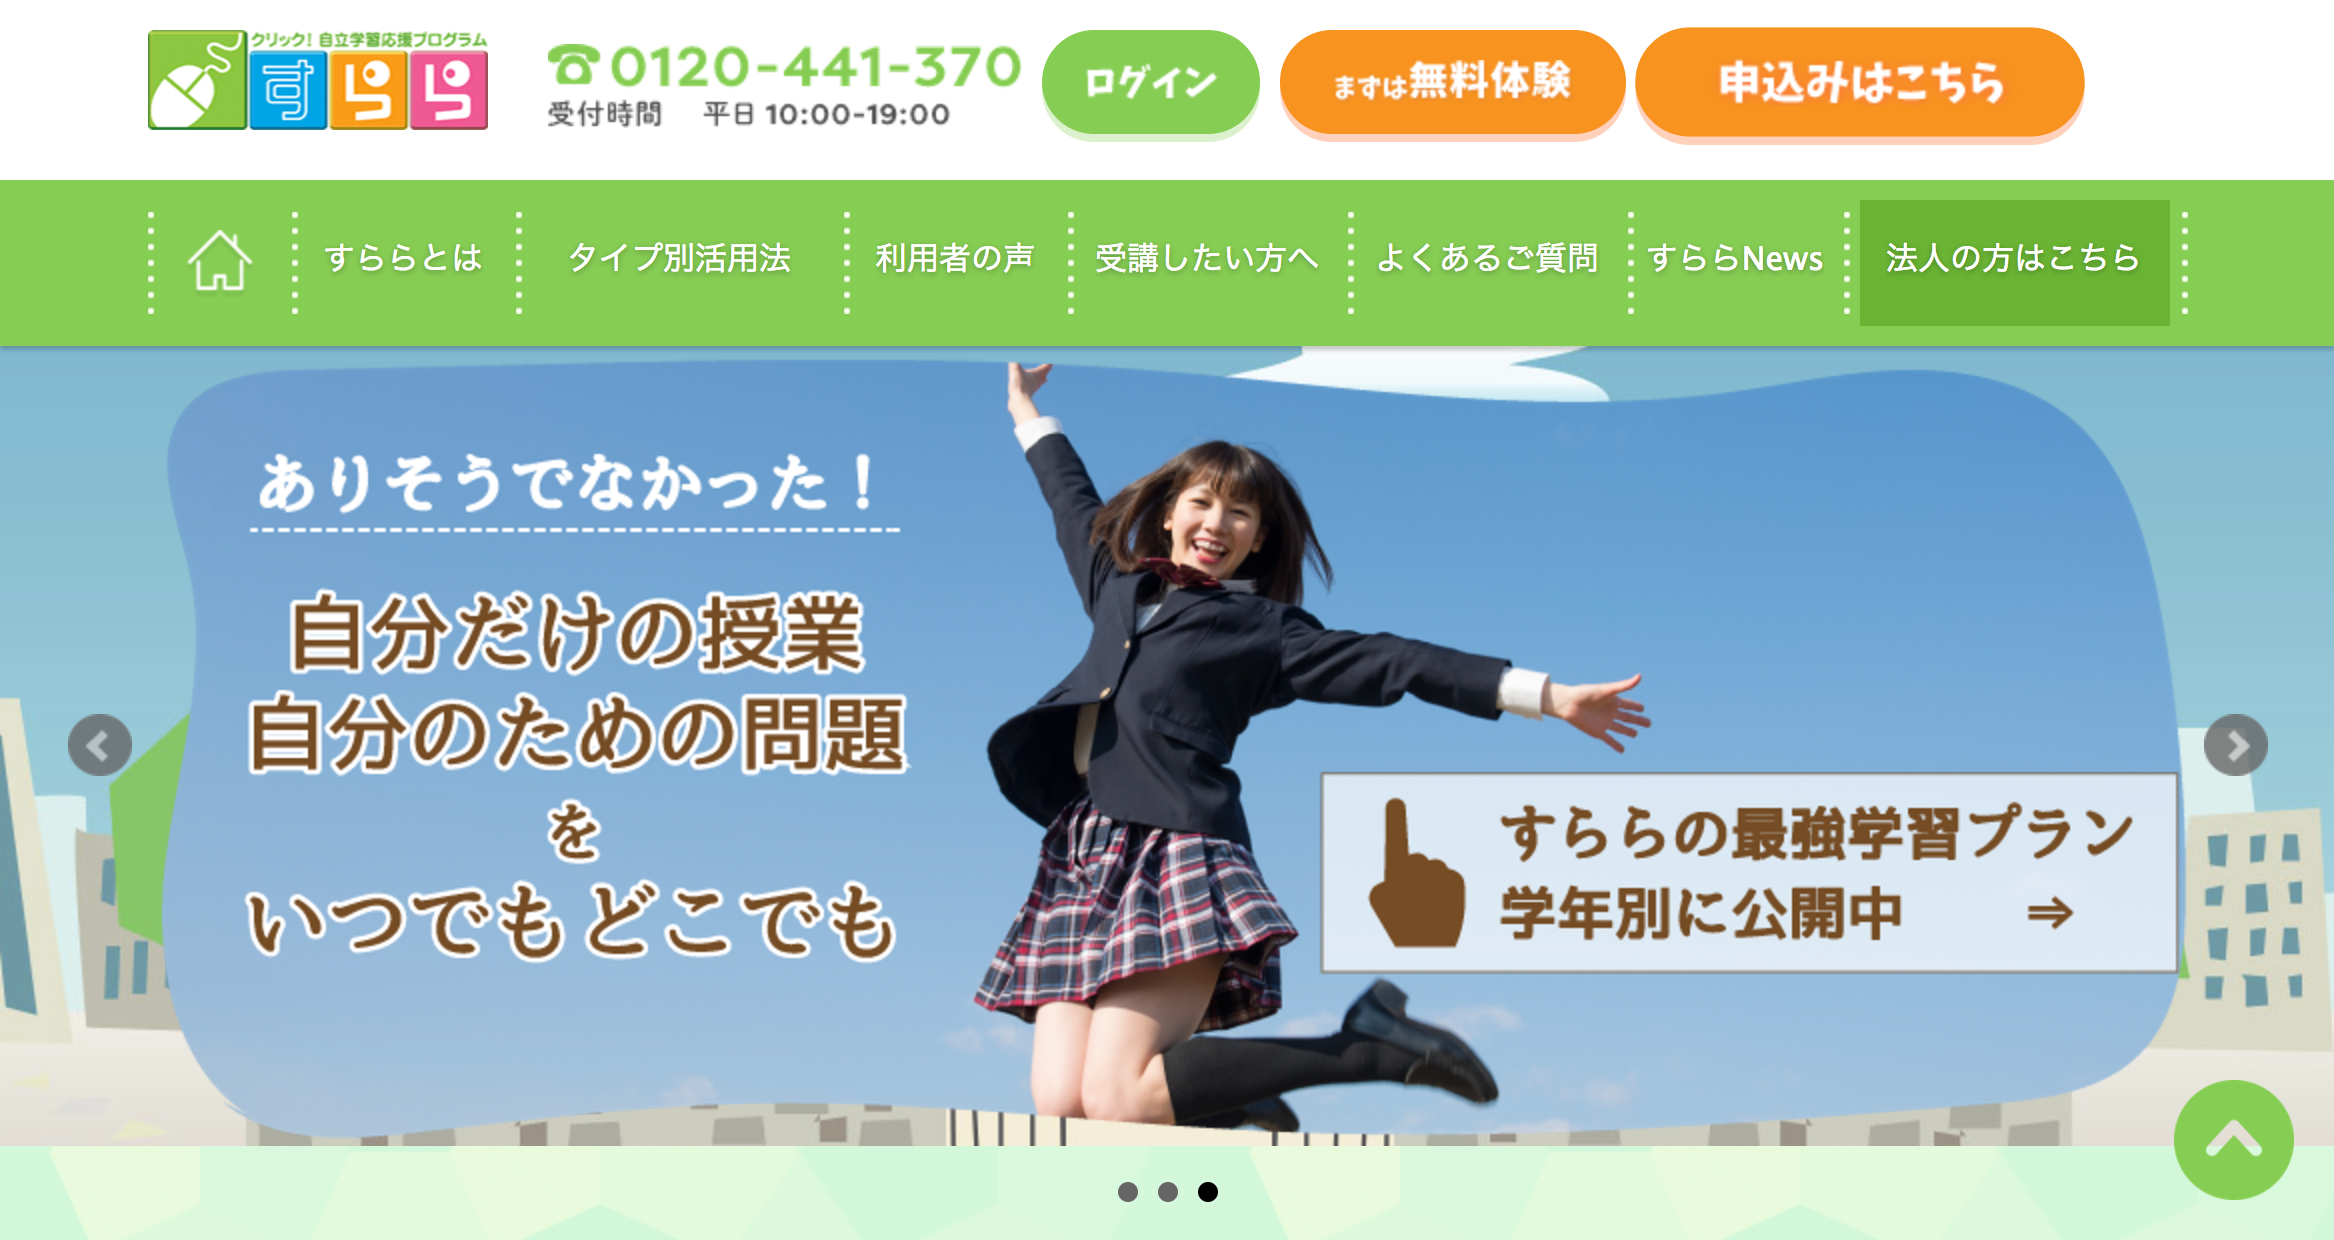 FireShot Capture 208 - 【公式】インターネット学習教材『すらら』|対話型で楽しく続く教材 - http___surala.jp_